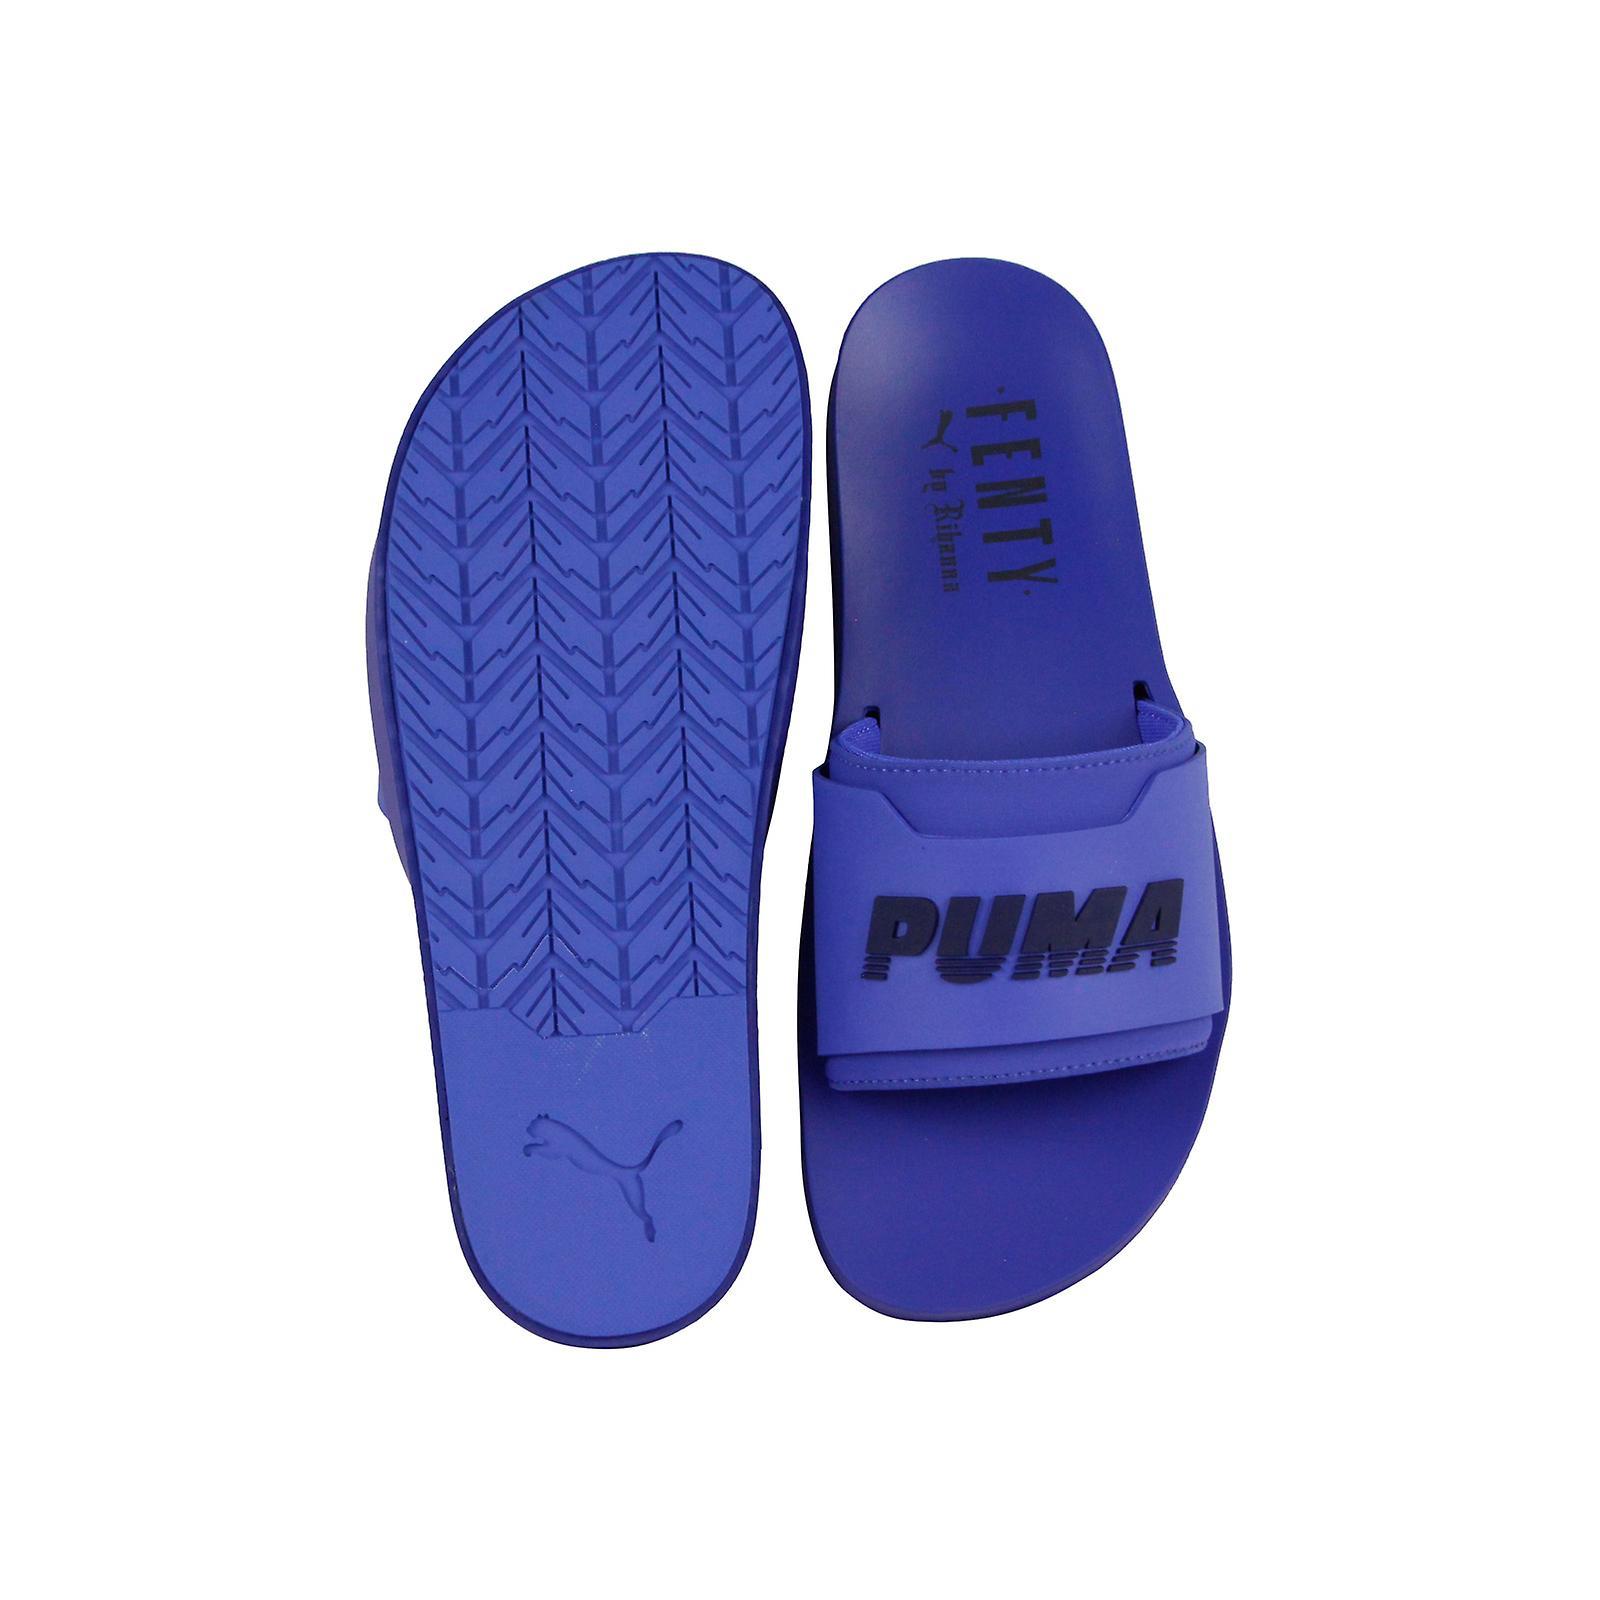 hot sales 02363 15d2d Puma Fenty Surf Slide 36774703 Womens Blue Sandals Slip On Slides Shoes